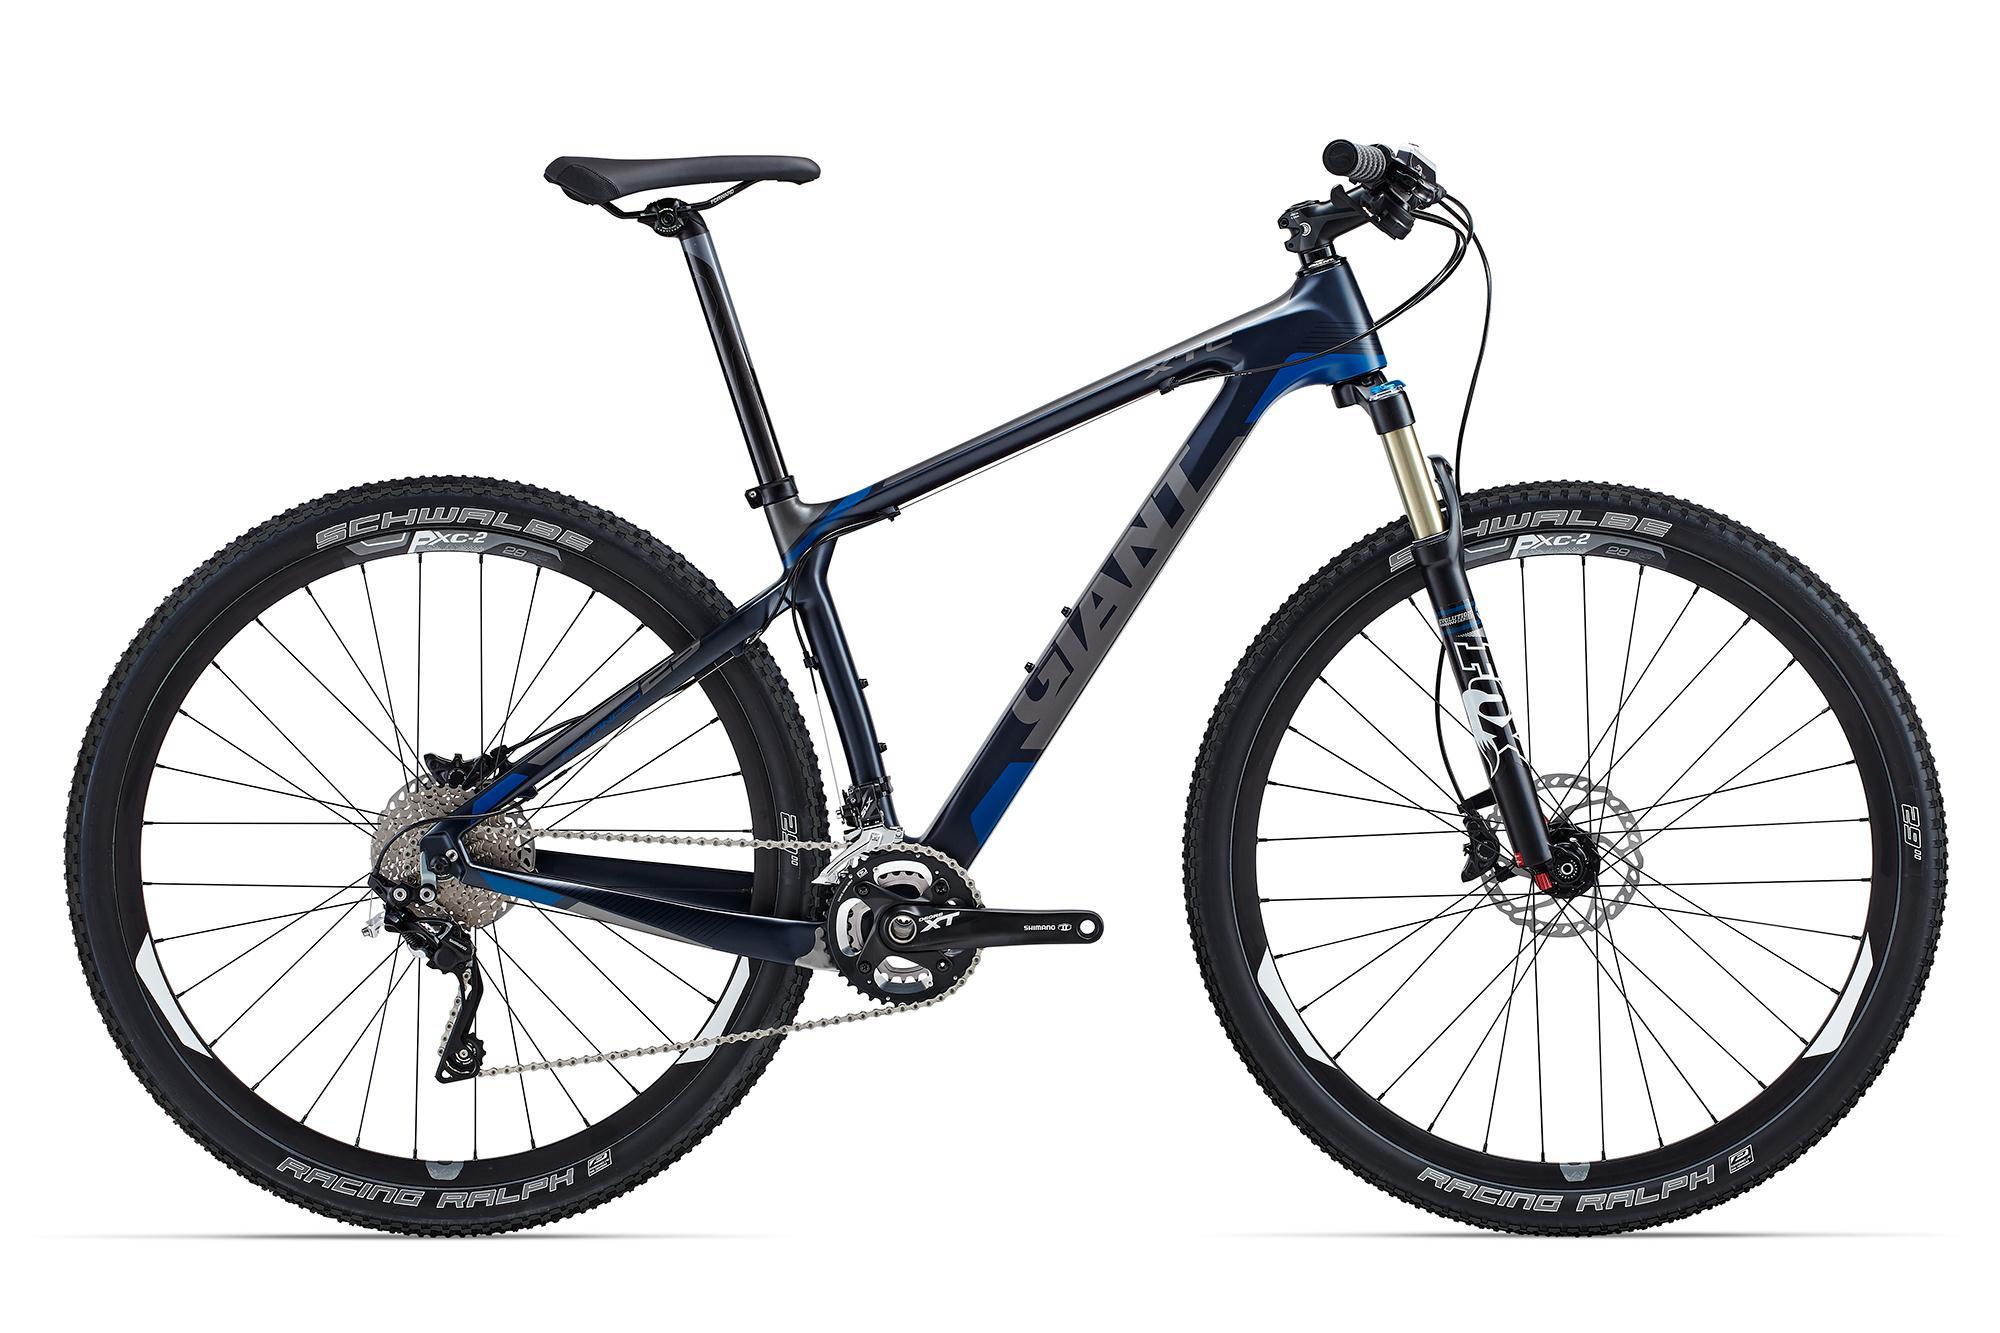 Xe dap the thao dia hinh GIANT XTC Advanced 29er 1, xe dap the thao, xe dap trinx, xe đạp thể thao chính hãng, xe dap asama, XtC Advanced 29er 1 Metallic Blue